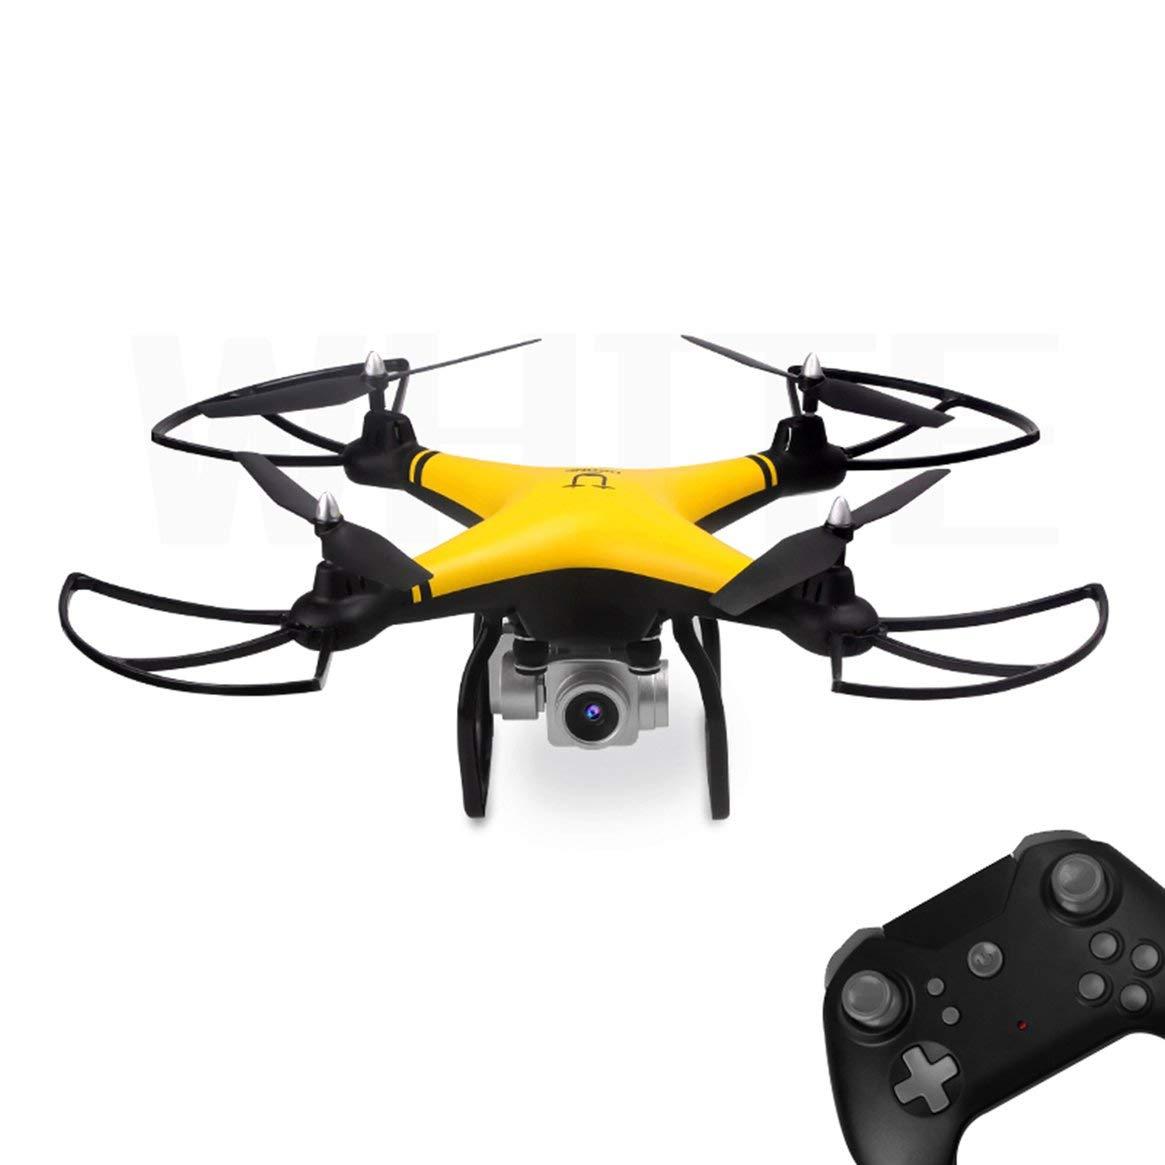 Delicacydex 69608 2,4 G RC Selfie Smart Drohne FPV Quadcopter-Flugzeuge mit 0.3MP HD-Kamera Echtzeit-Höhenlage Headless-Modus 3D-Flip - Gelb